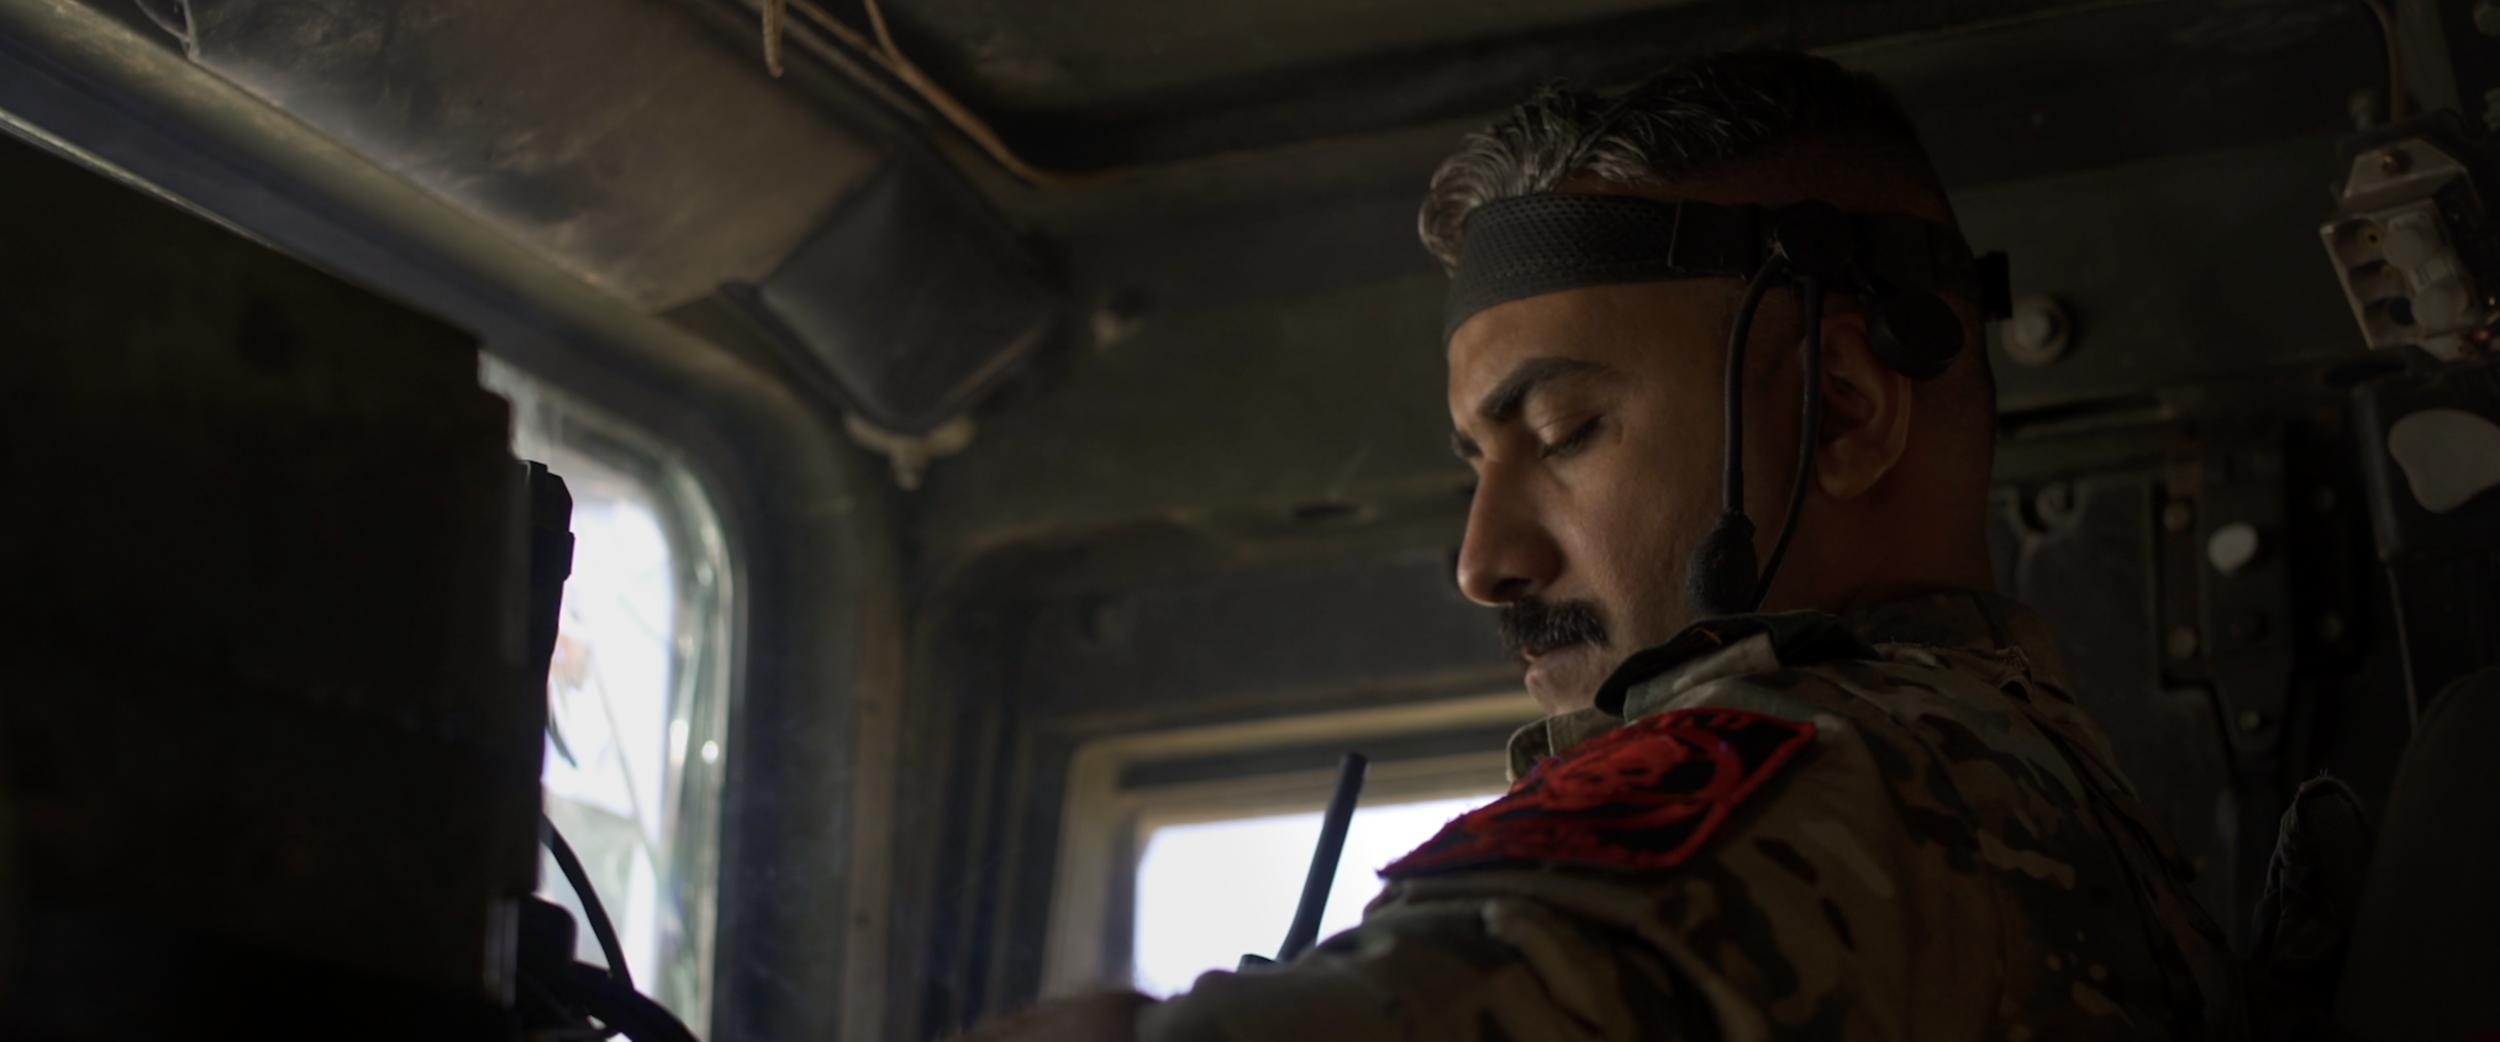 Captain Alaa inside Humvee.png